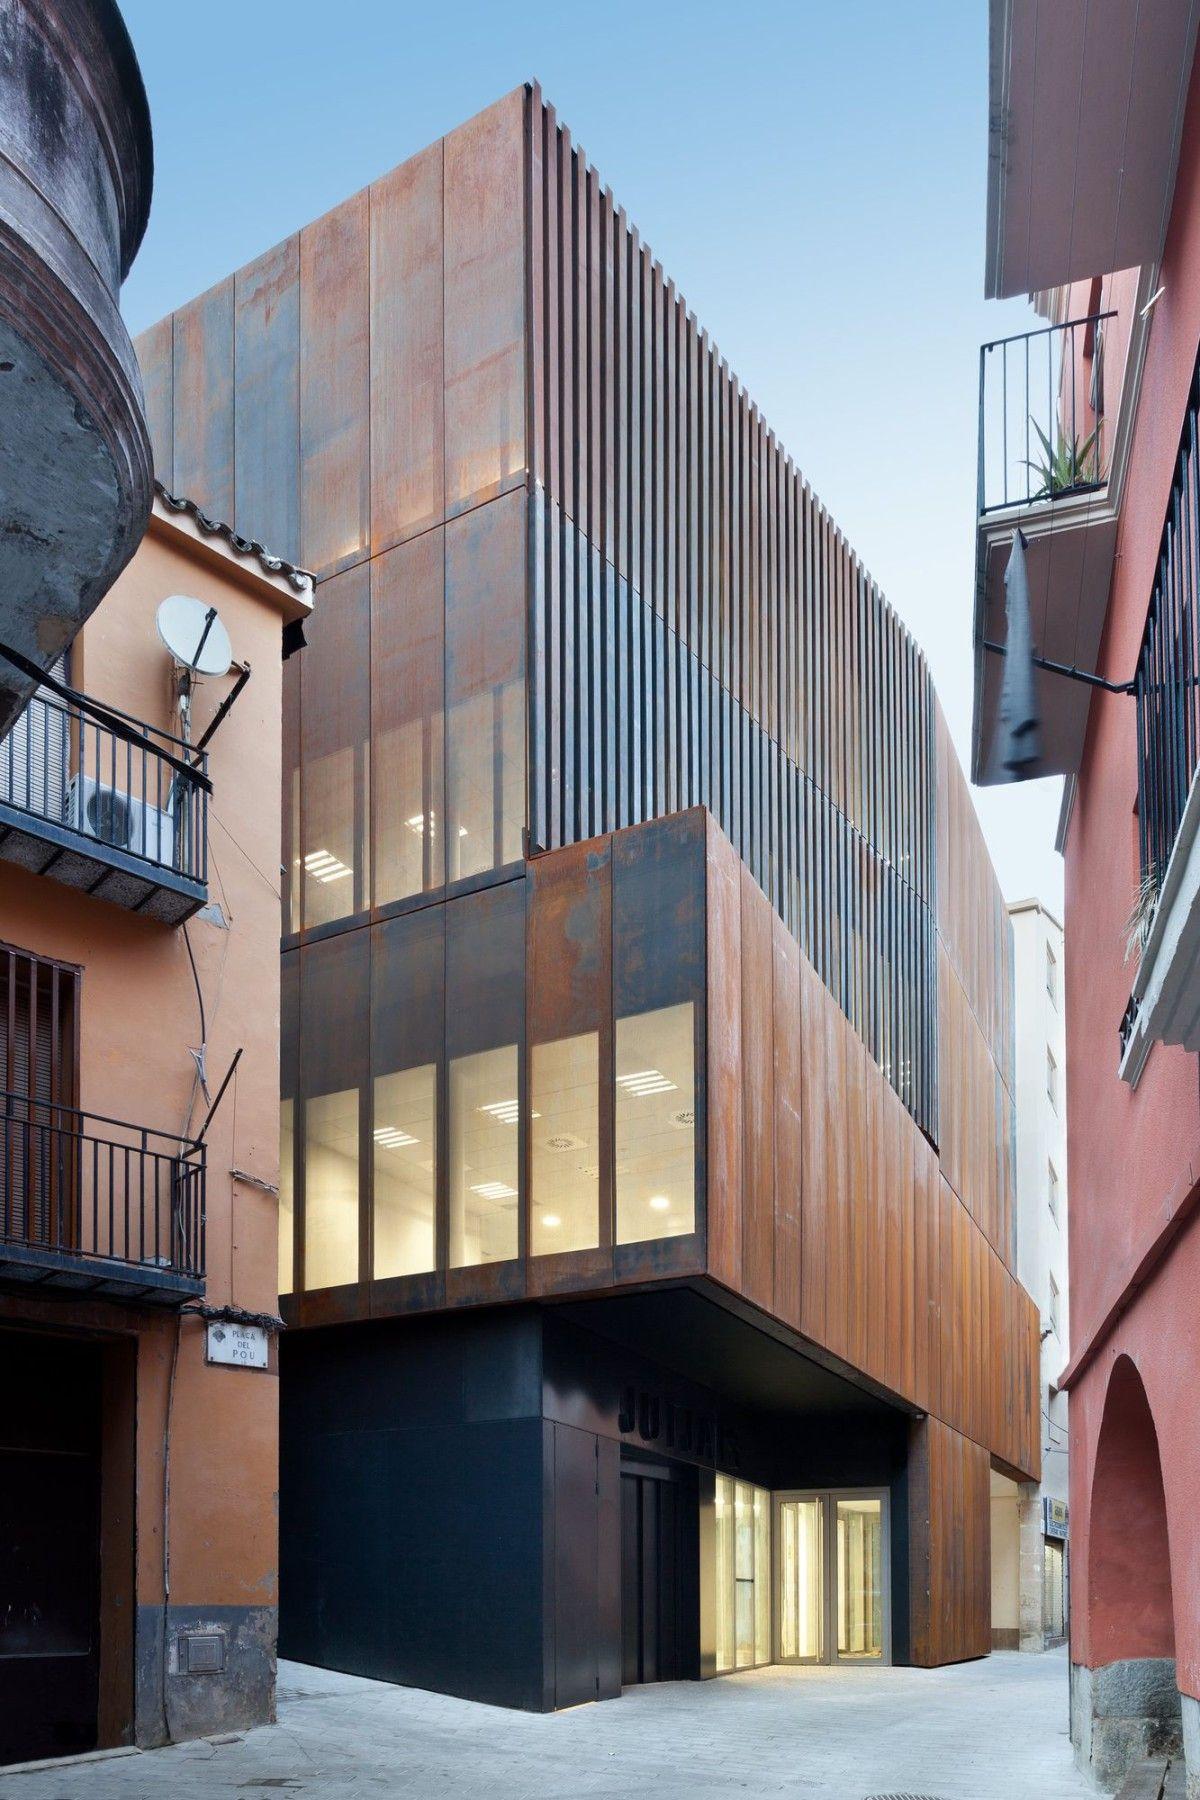 camps+felip arquitecturia . Law Court.Balaguer (1) gevel materialisatie corten staal volumetrie volumeschakeling stapeling inkom filter zonwering inplanting